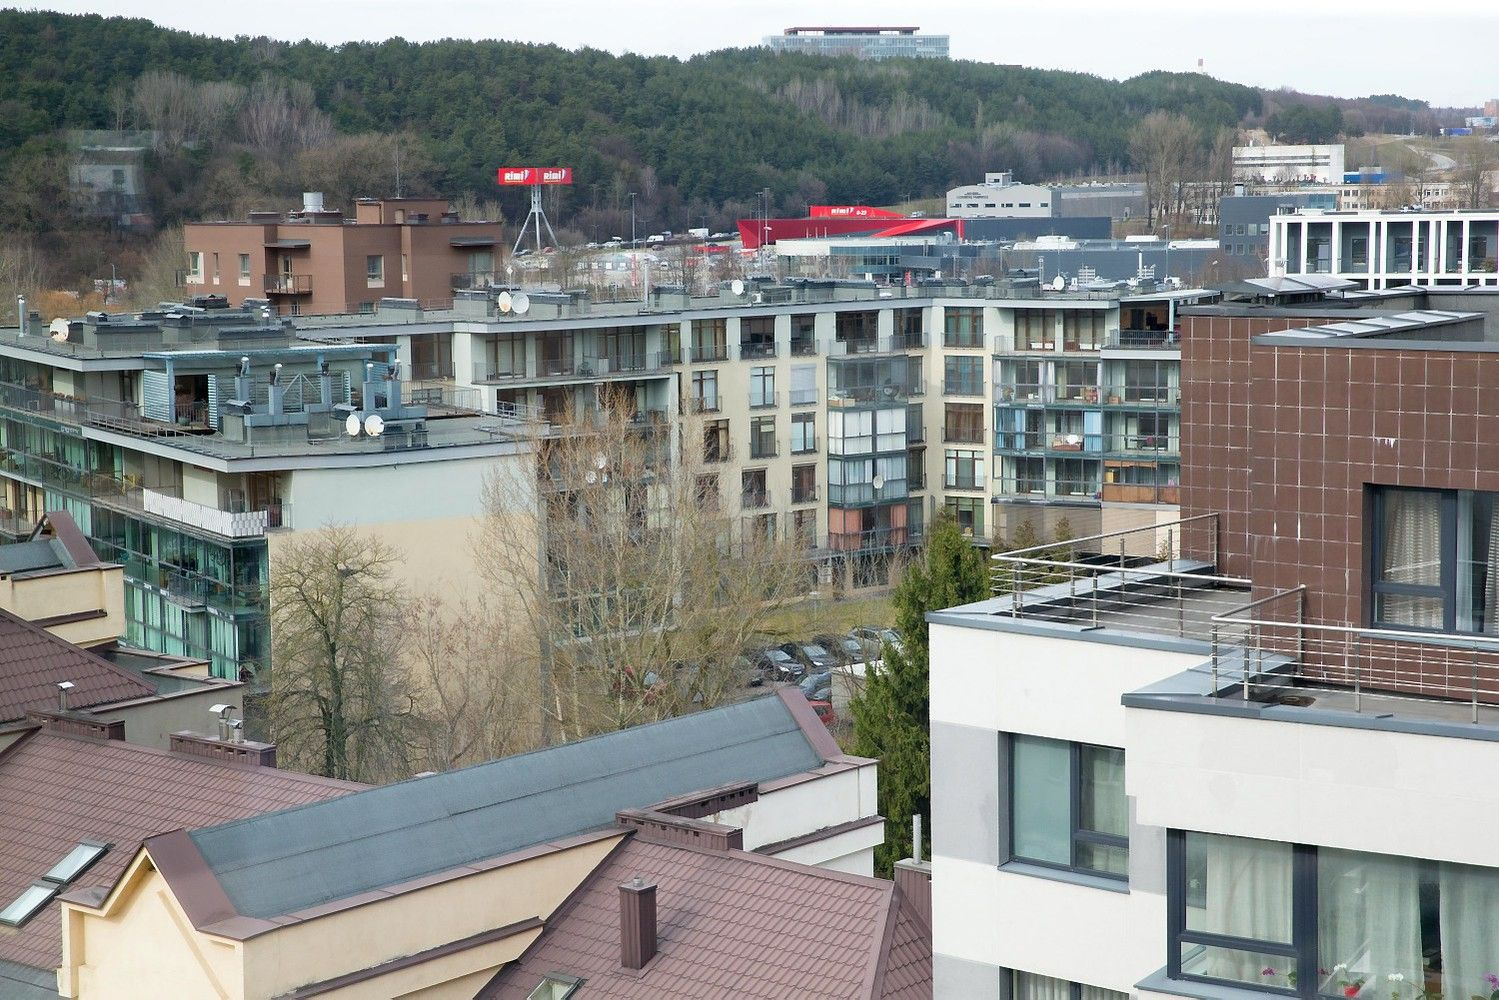 Parduodant būstą statybos sąnaudas įrodo ir kvitai